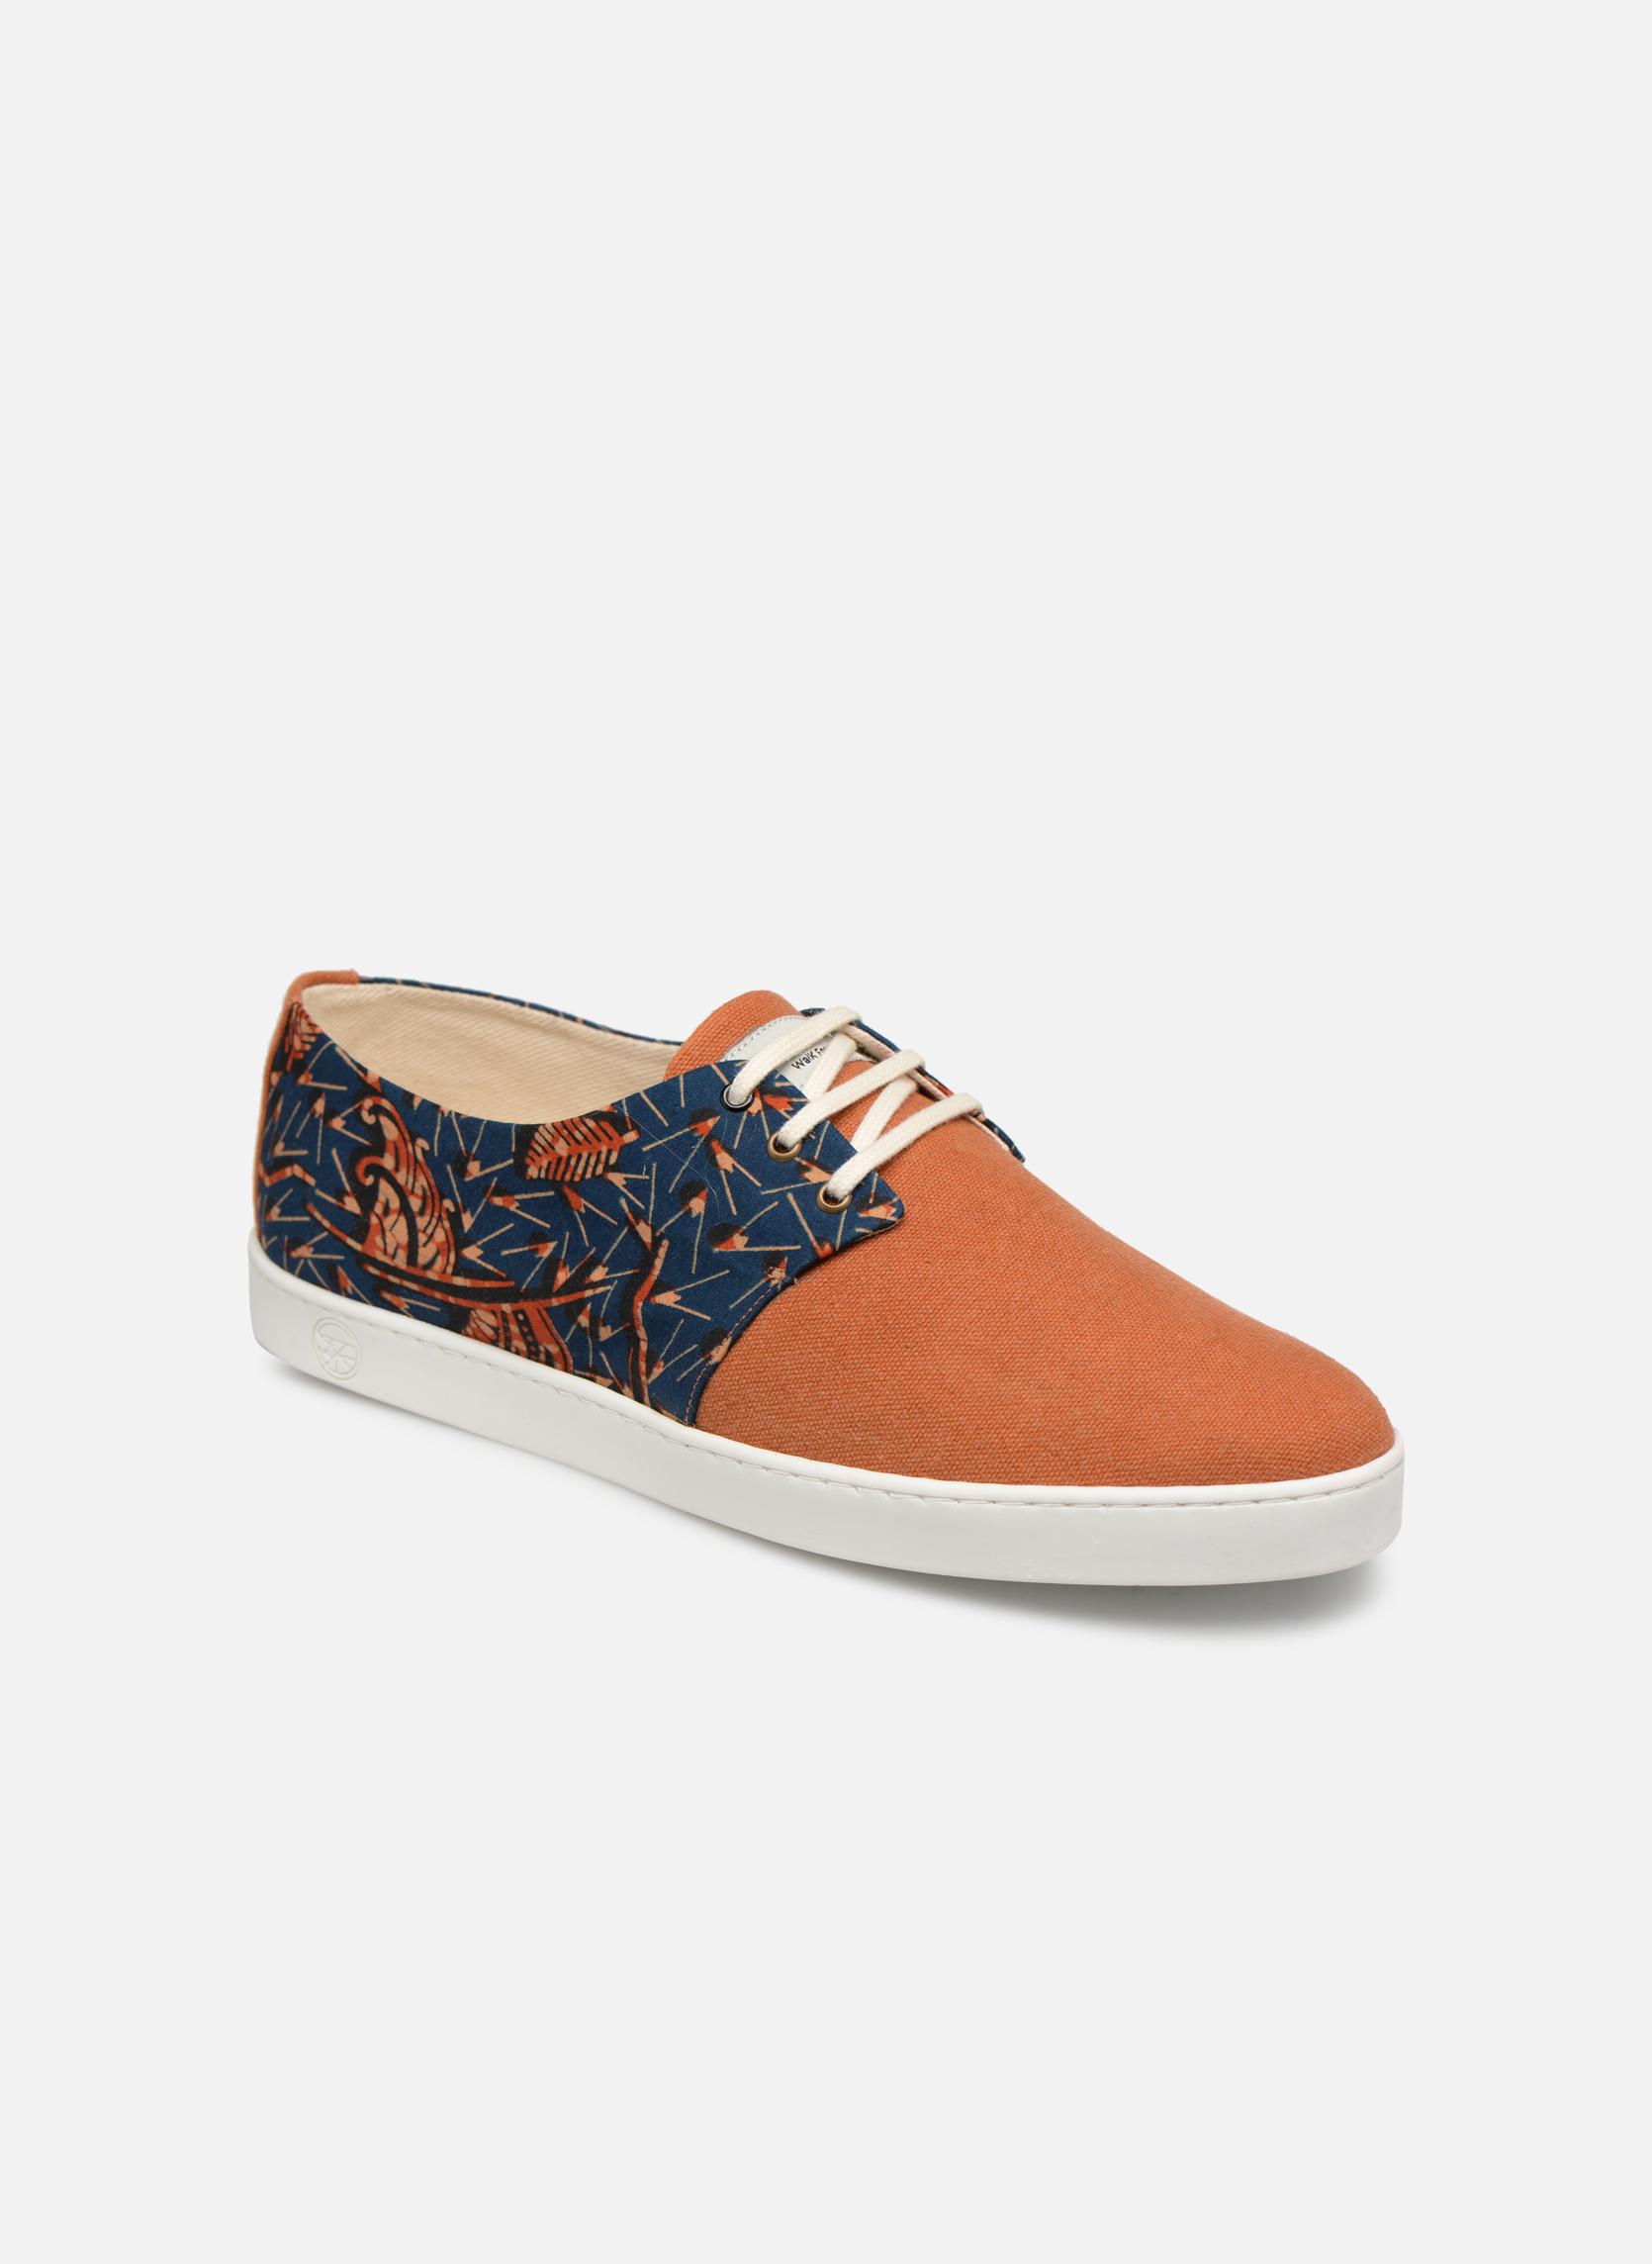 Sneakers Panafrica Oranje